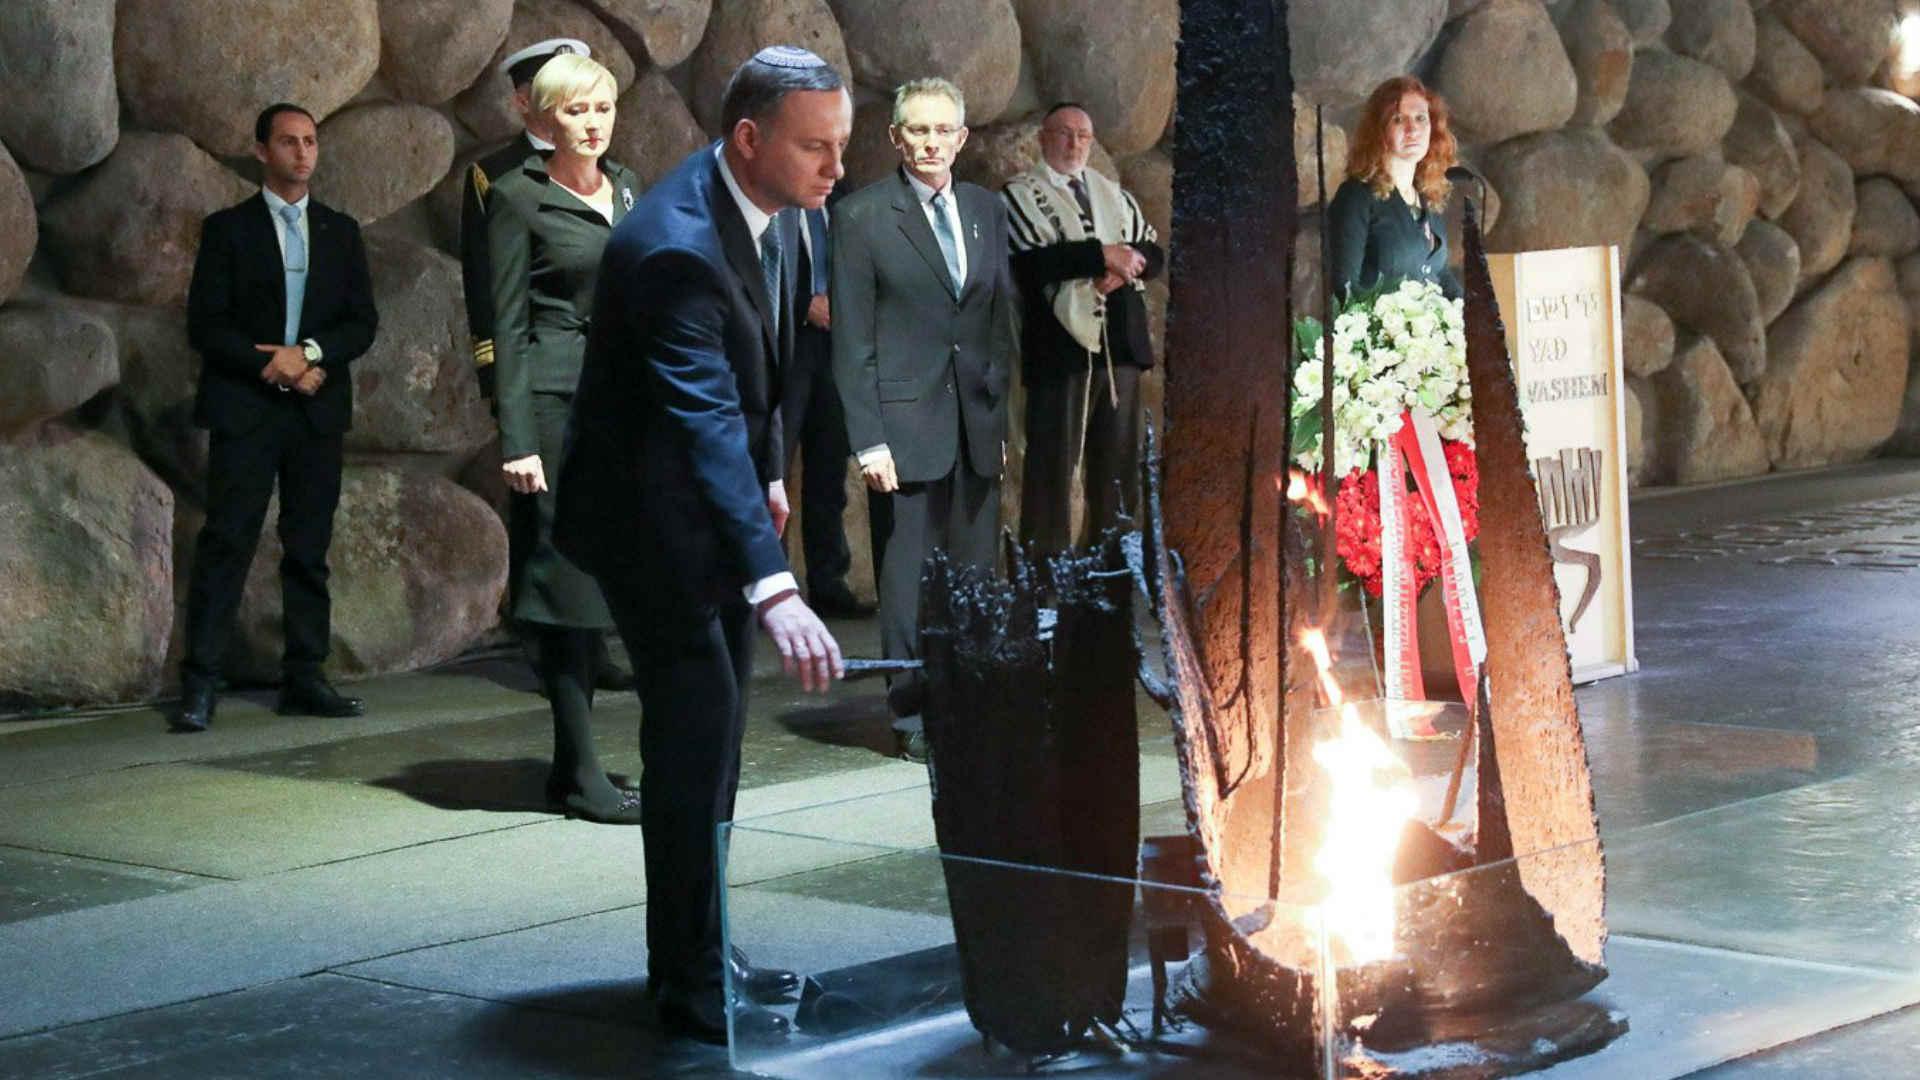 שגריר ישראל בפולין ביד ושם